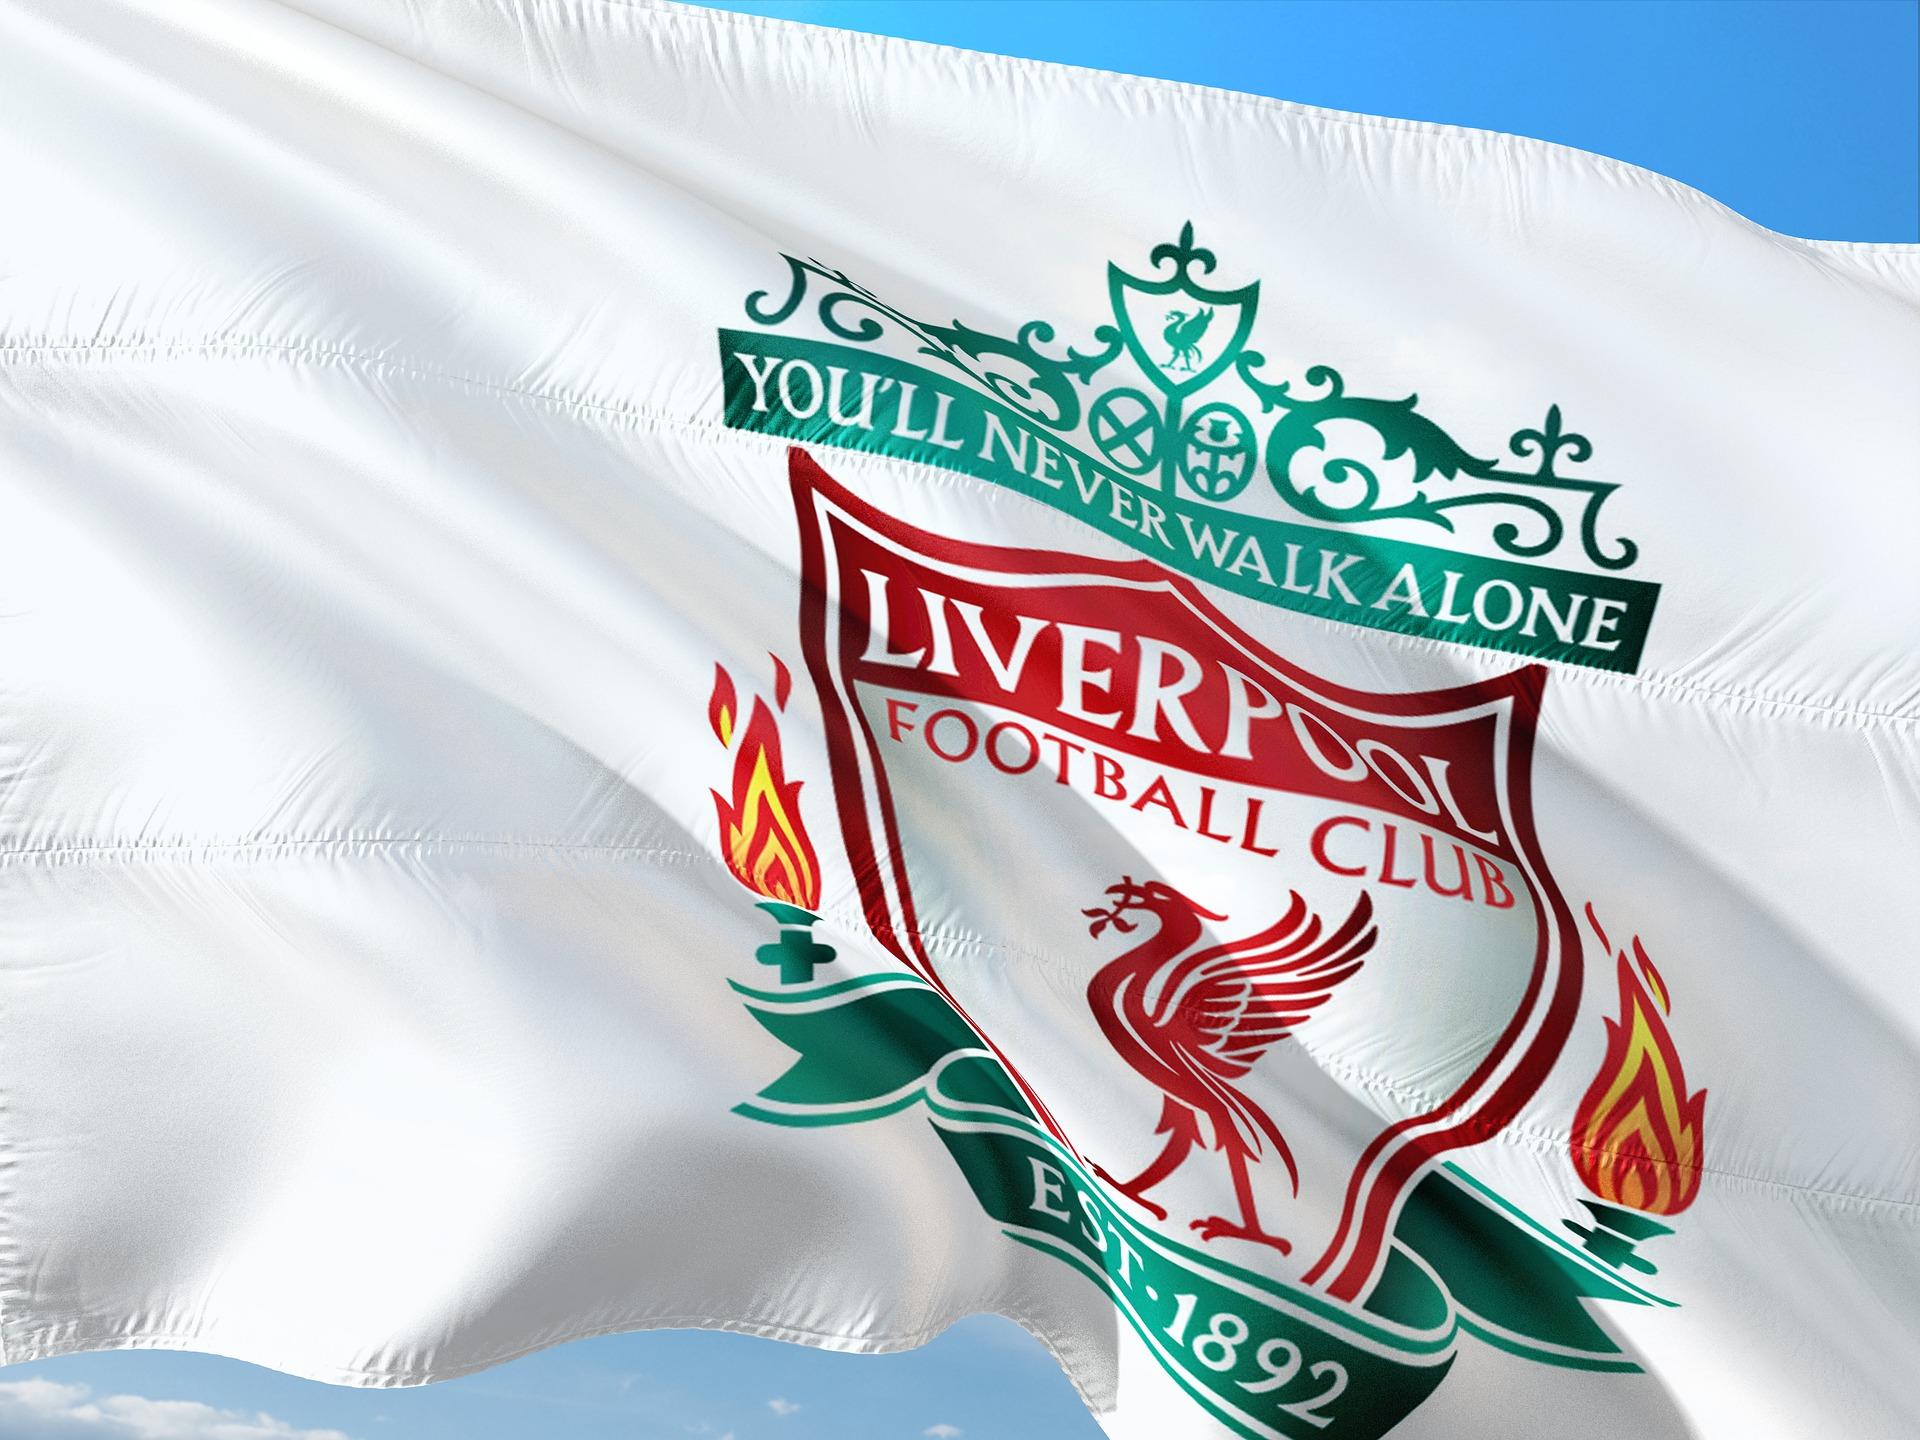 AXA partenaire officiel du Club de Football de Liverpool